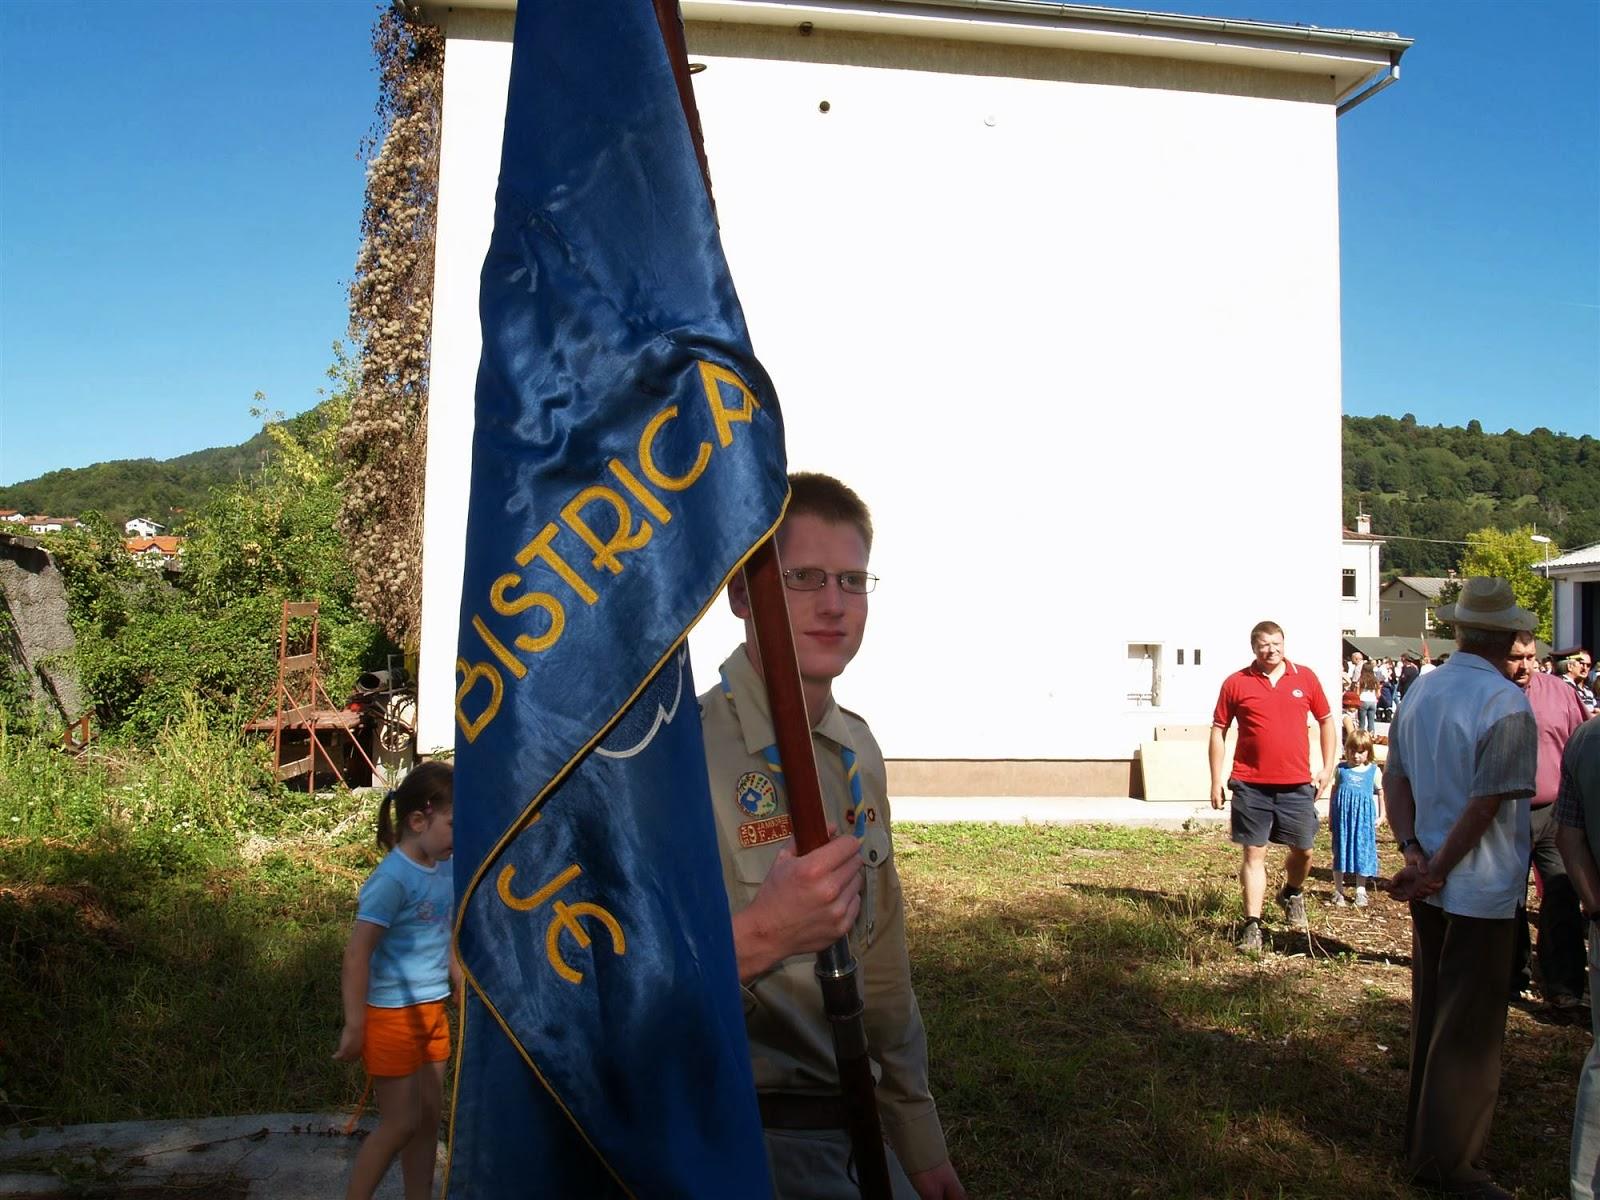 Gasilska parada, Ilirska Bistrica 2006 - P0103613.JPG